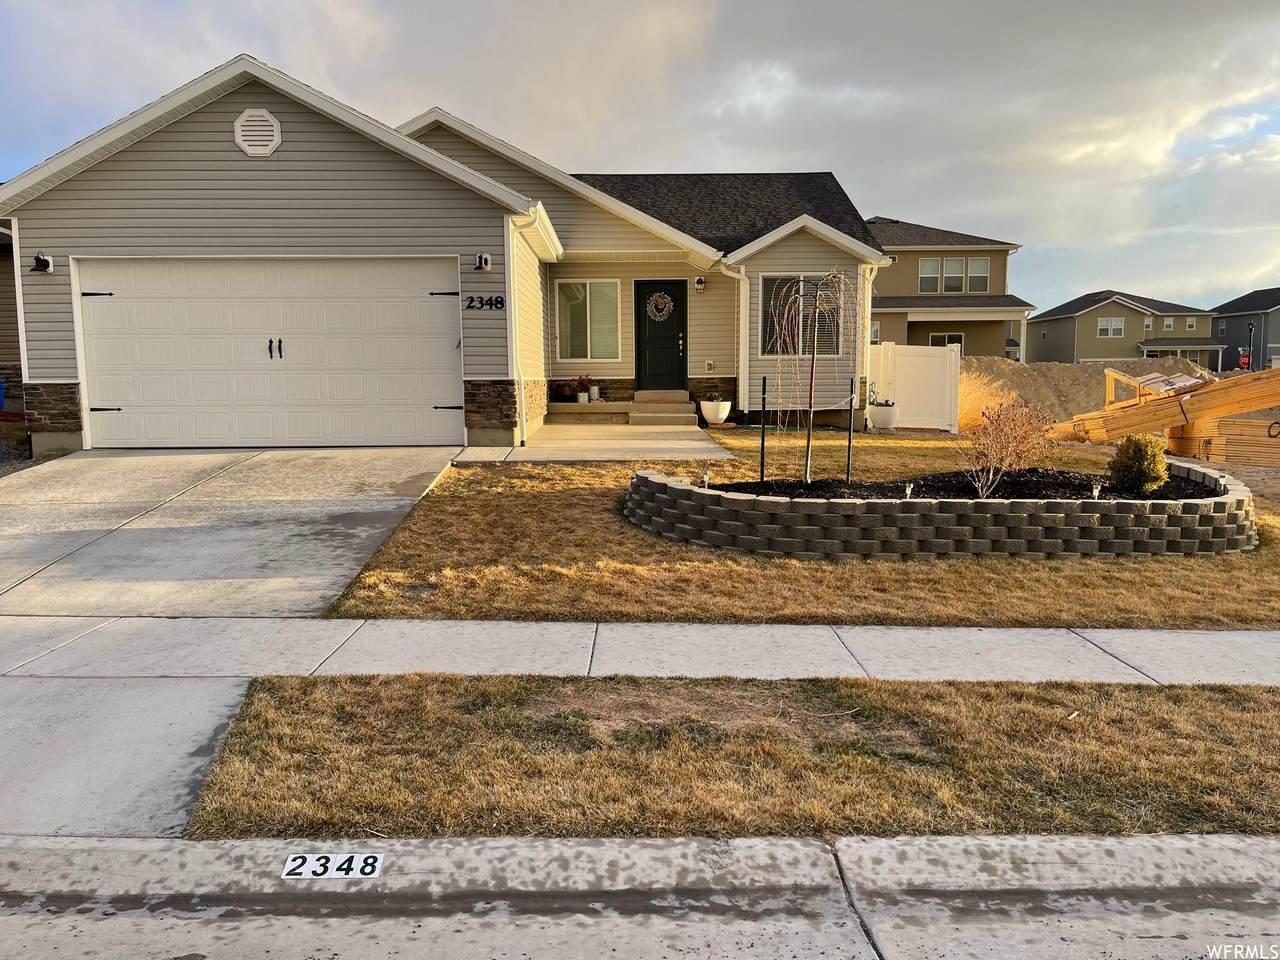 2348 Prairie Ln - Photo 1